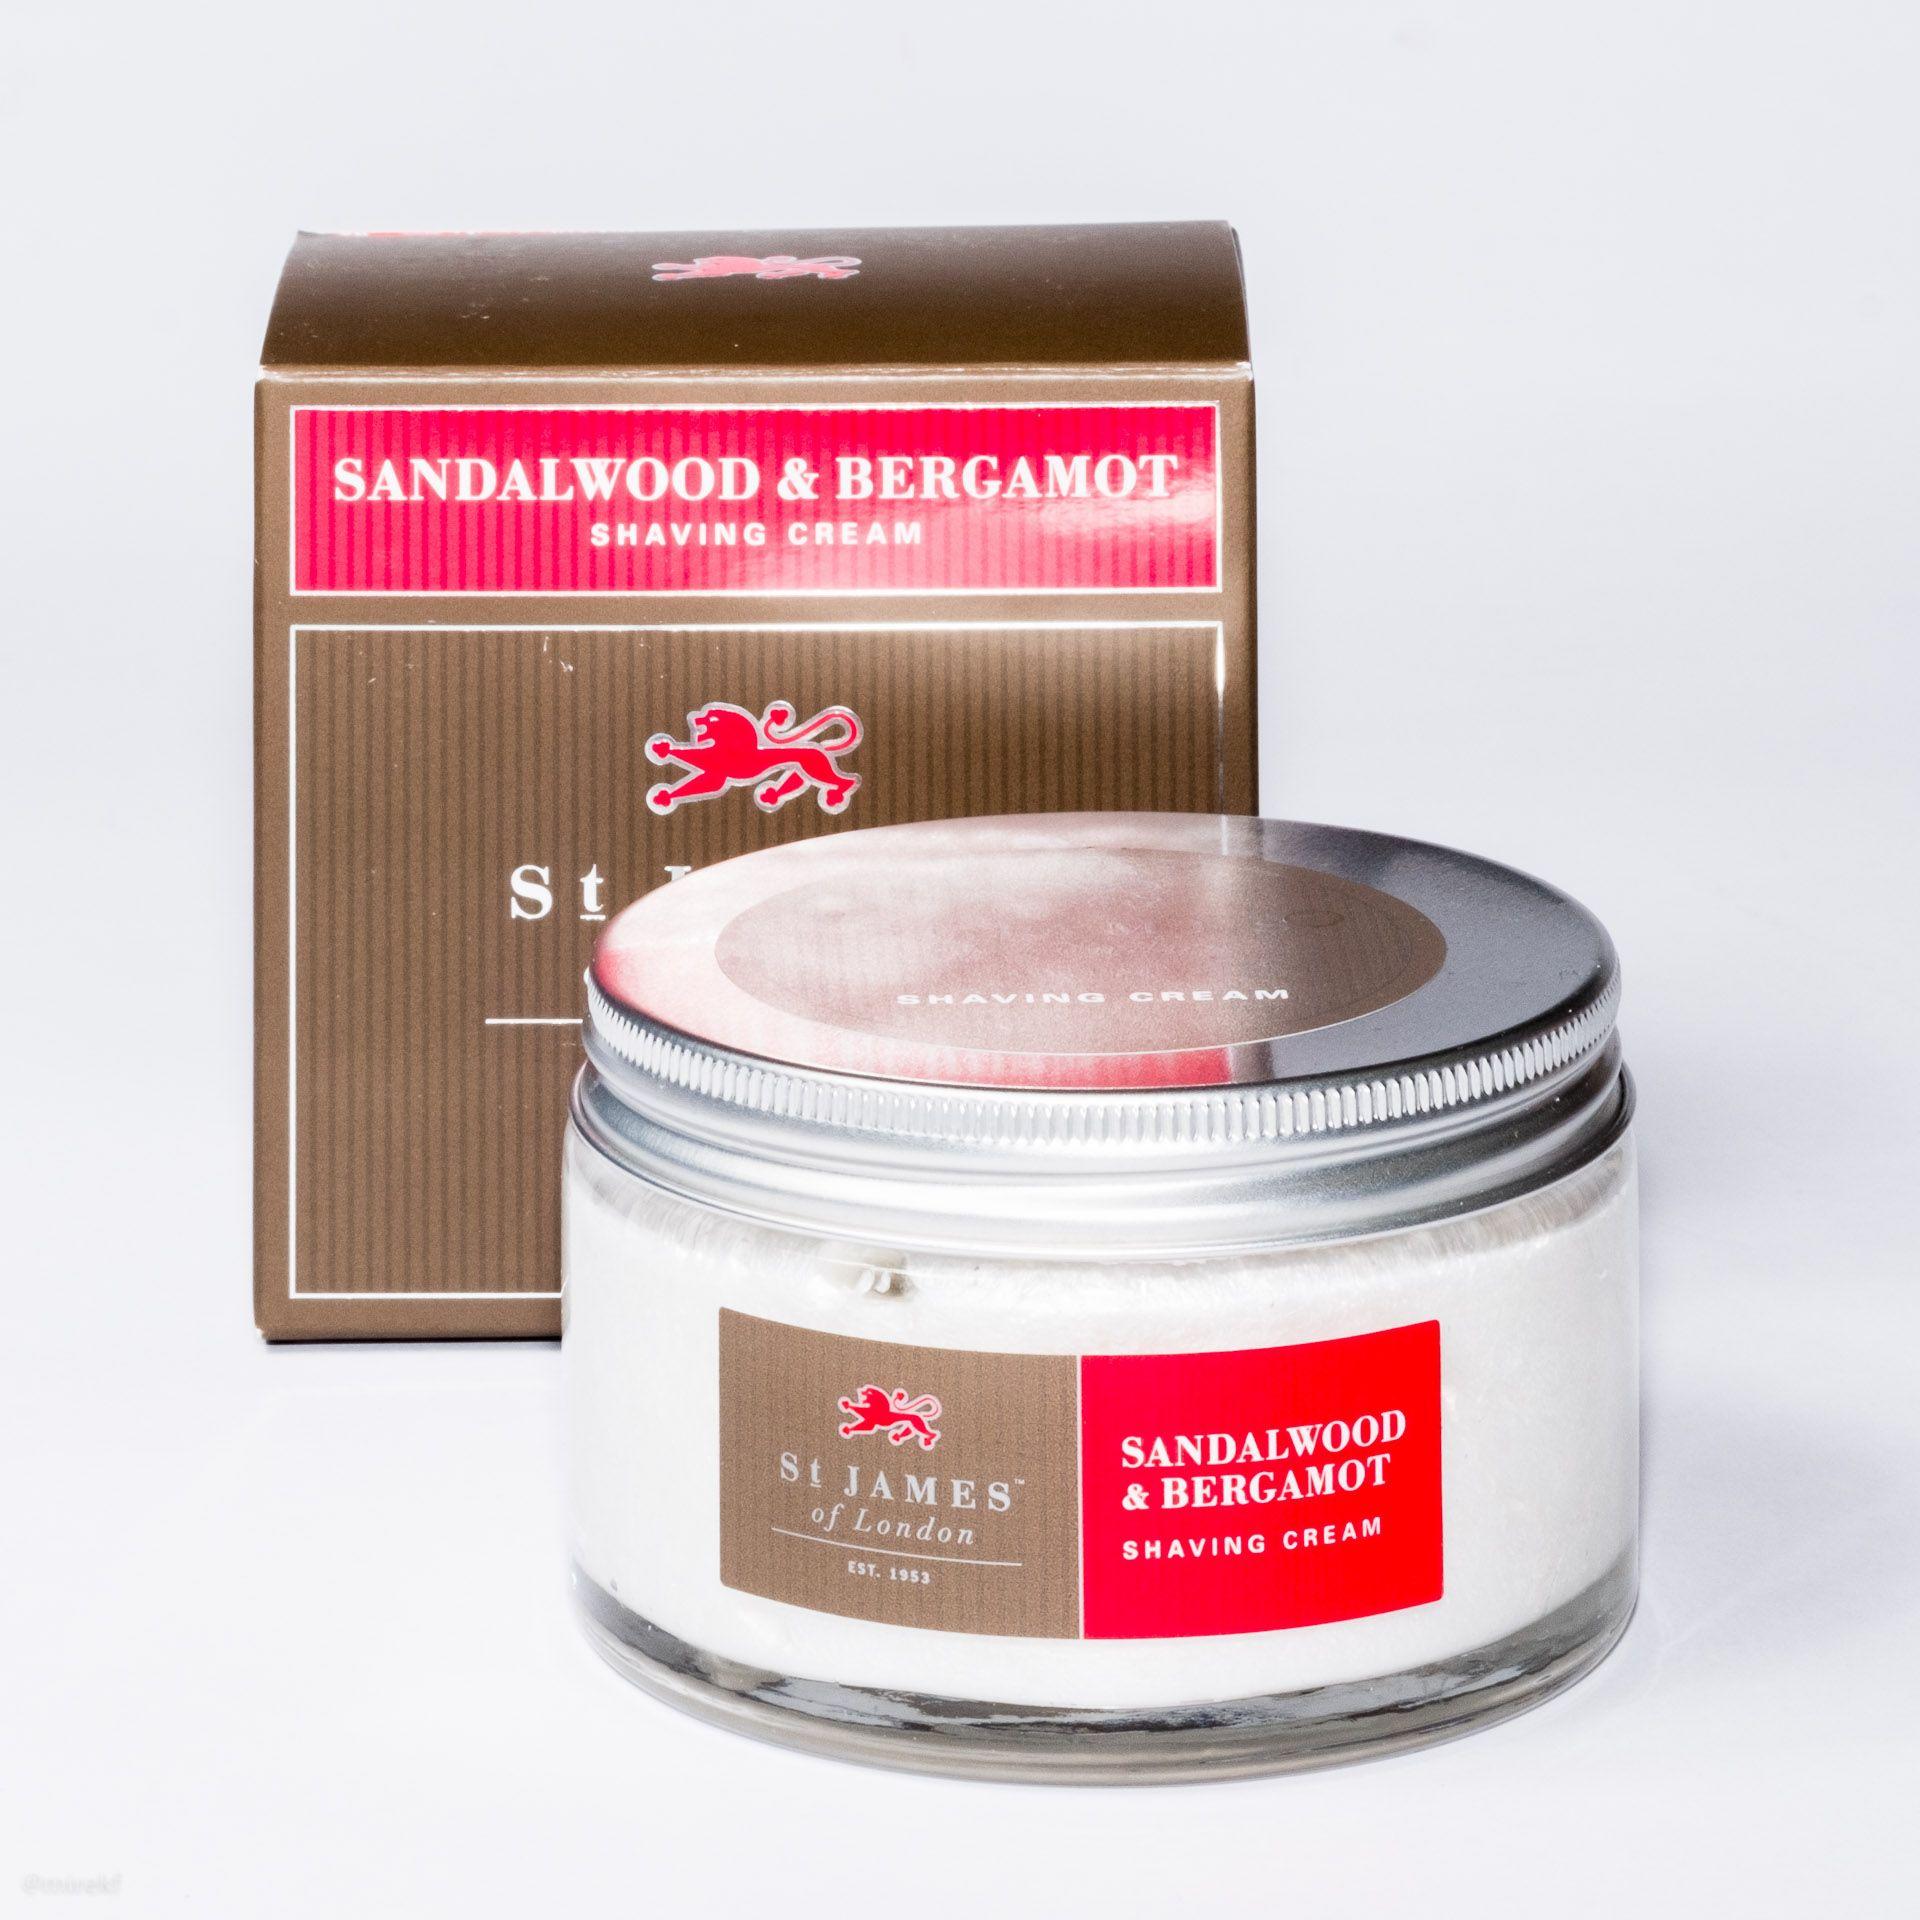 Opakowanie kremu do golenia St. James of London Sandalwood & Bergamot Shaving Cream